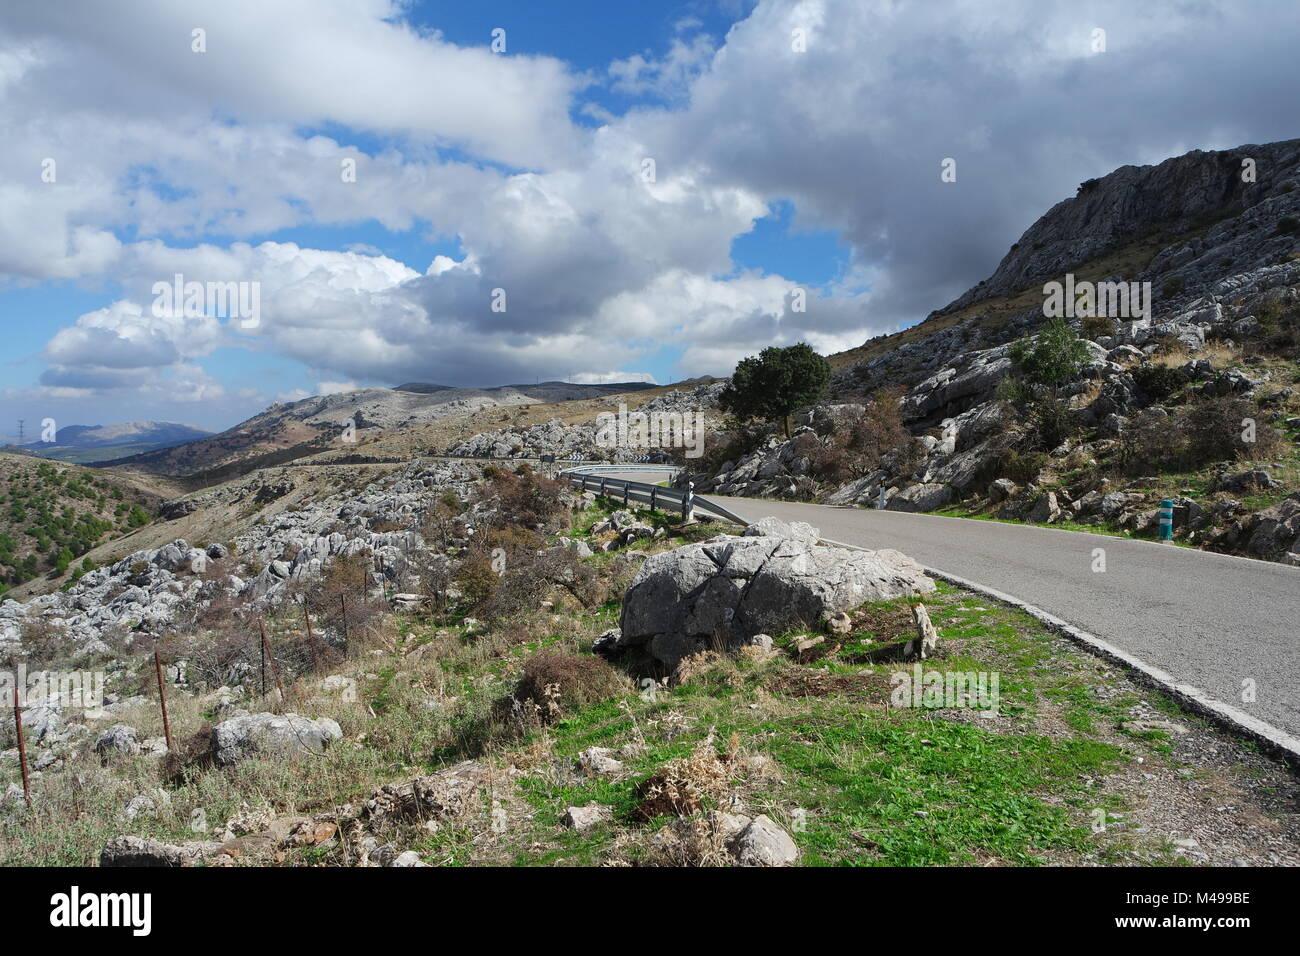 Highway by Serranía de Ronda - Stock Image